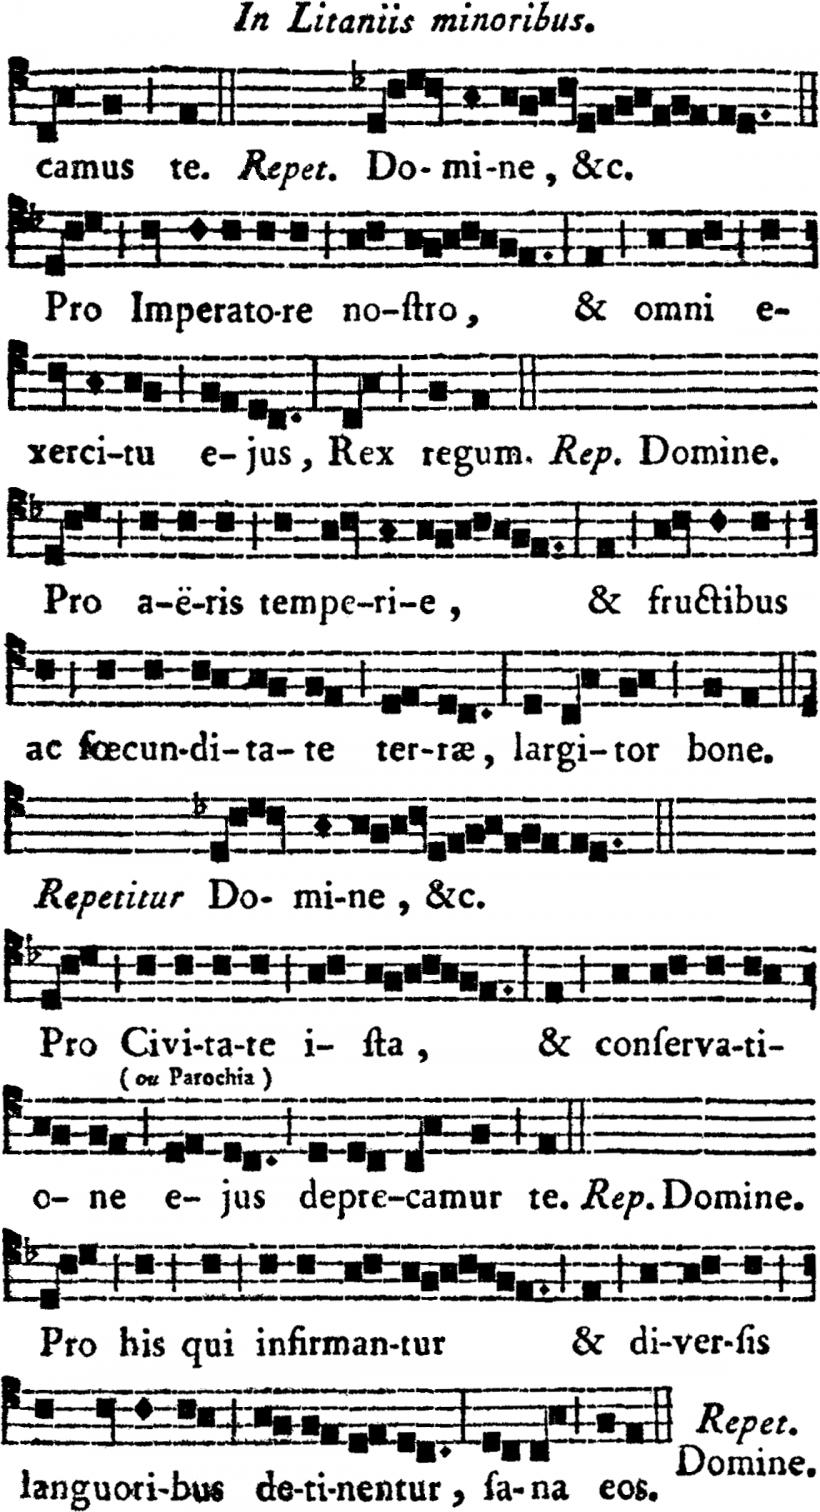 Litanie de saint Martin de Tours - seconde partie